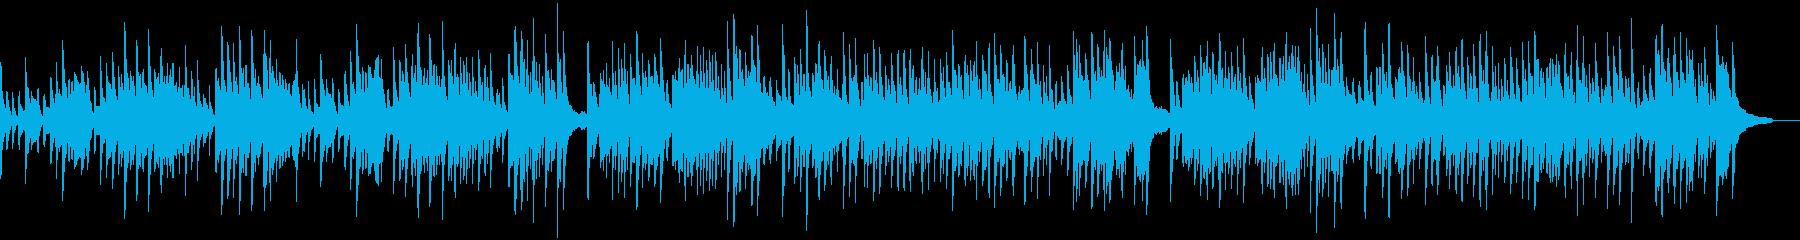 バッハの人気曲、G線上のアリアです。の再生済みの波形